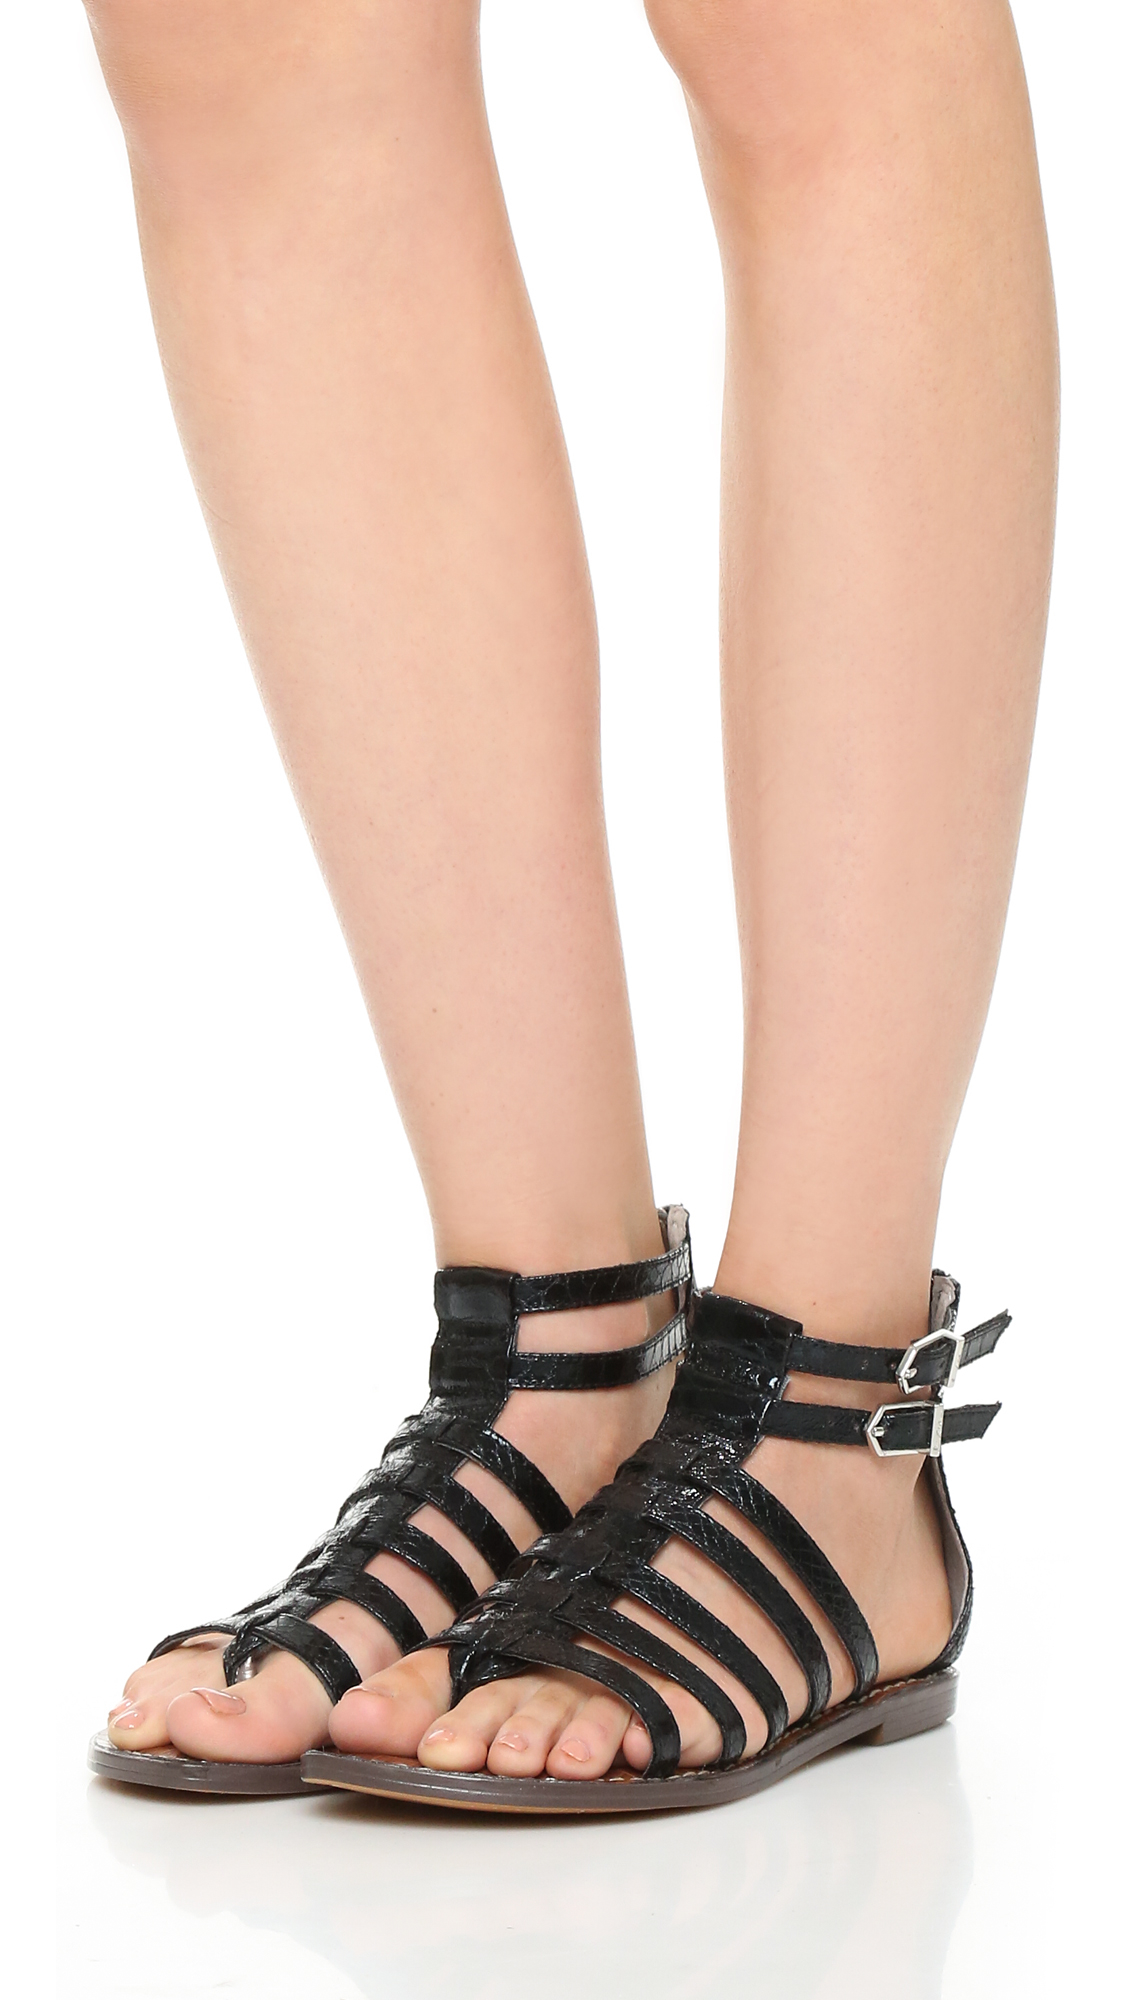 Lyst - Sam Edelman Kendra Flat Sandals in Black